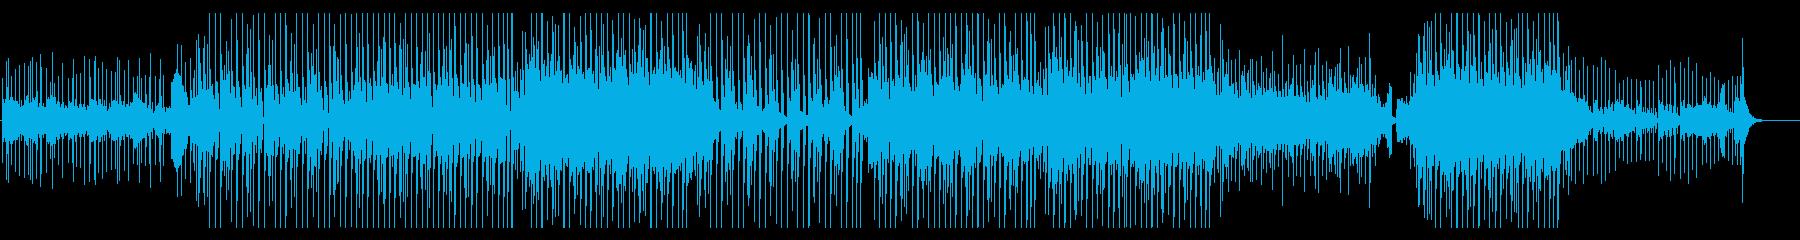 切ない雰囲気のビート/トロピカルハウスの再生済みの波形